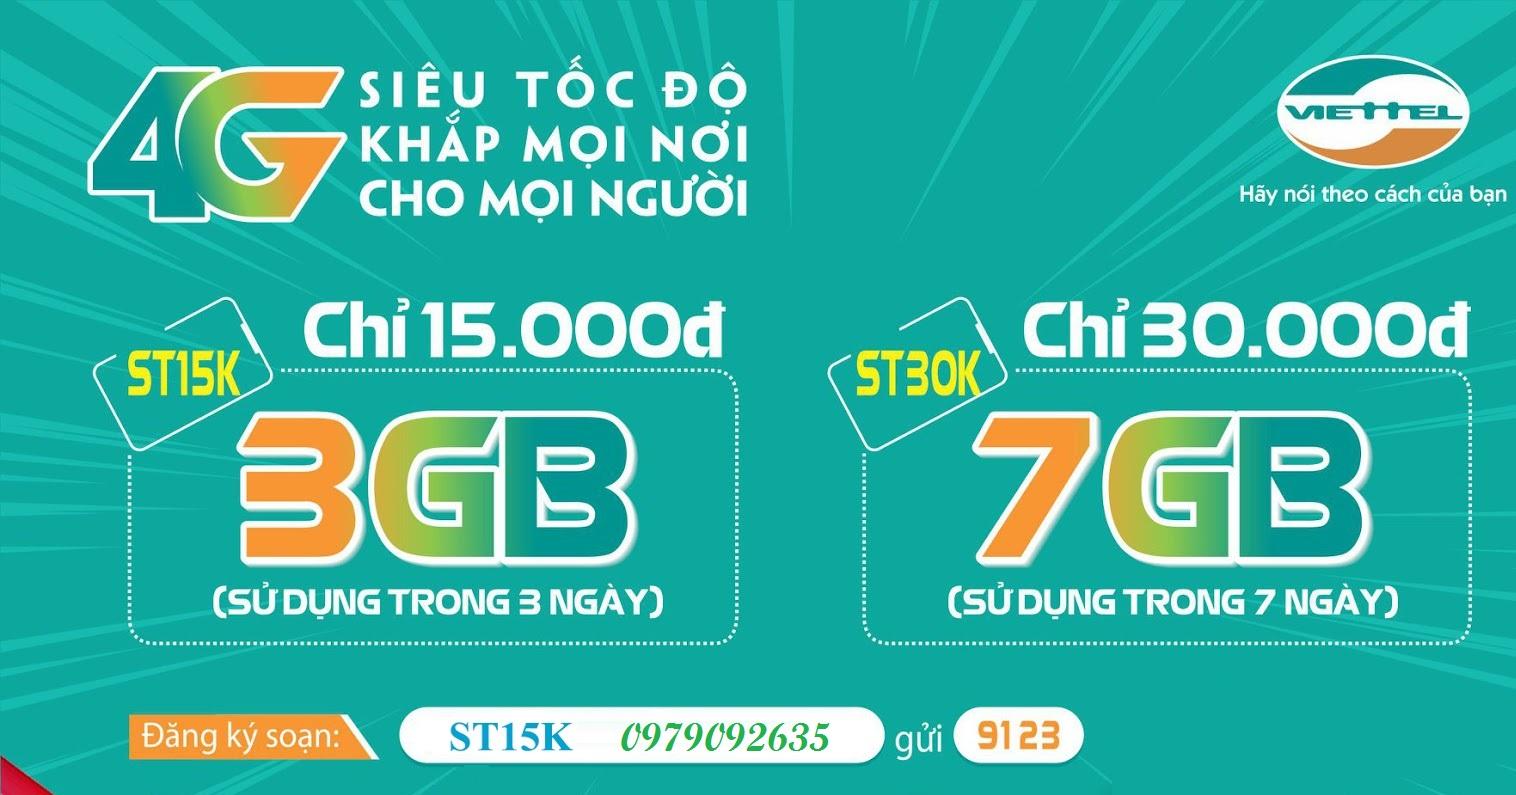 Đăng ký 4G Viettel Gói Cước ST15K